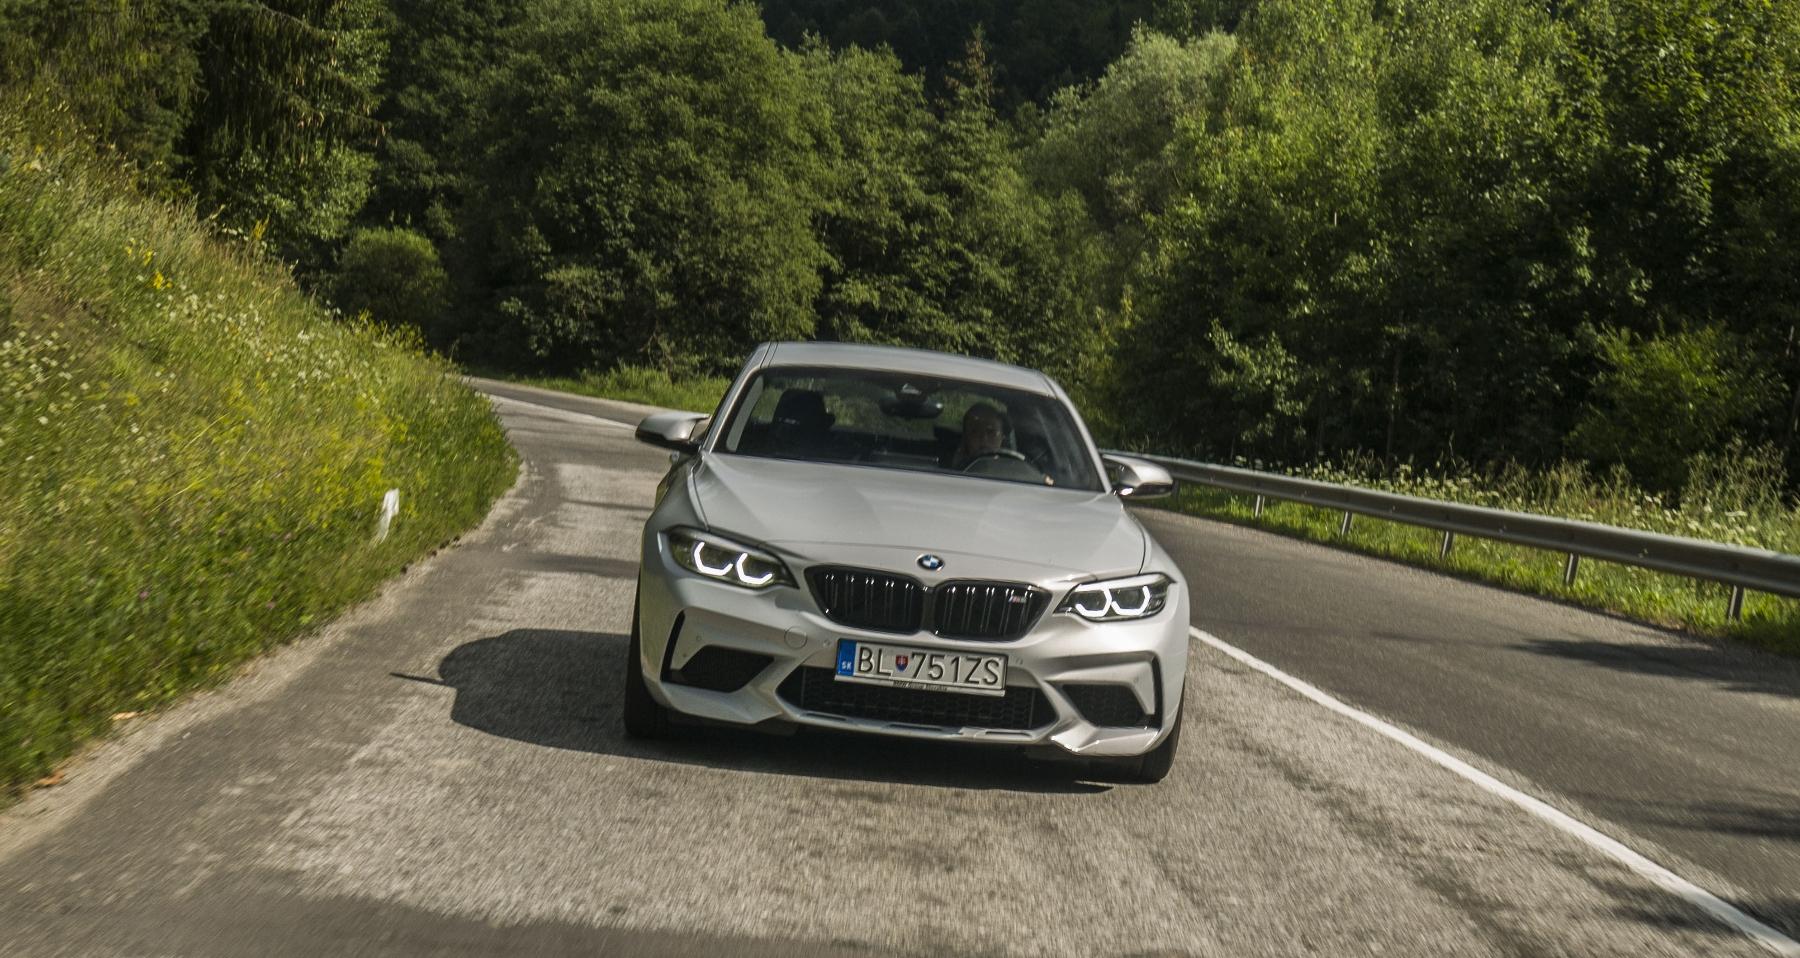 Test: BMW M2 Competition je nálož plná zábavy DPUpYf3BlY bmw-m2-25